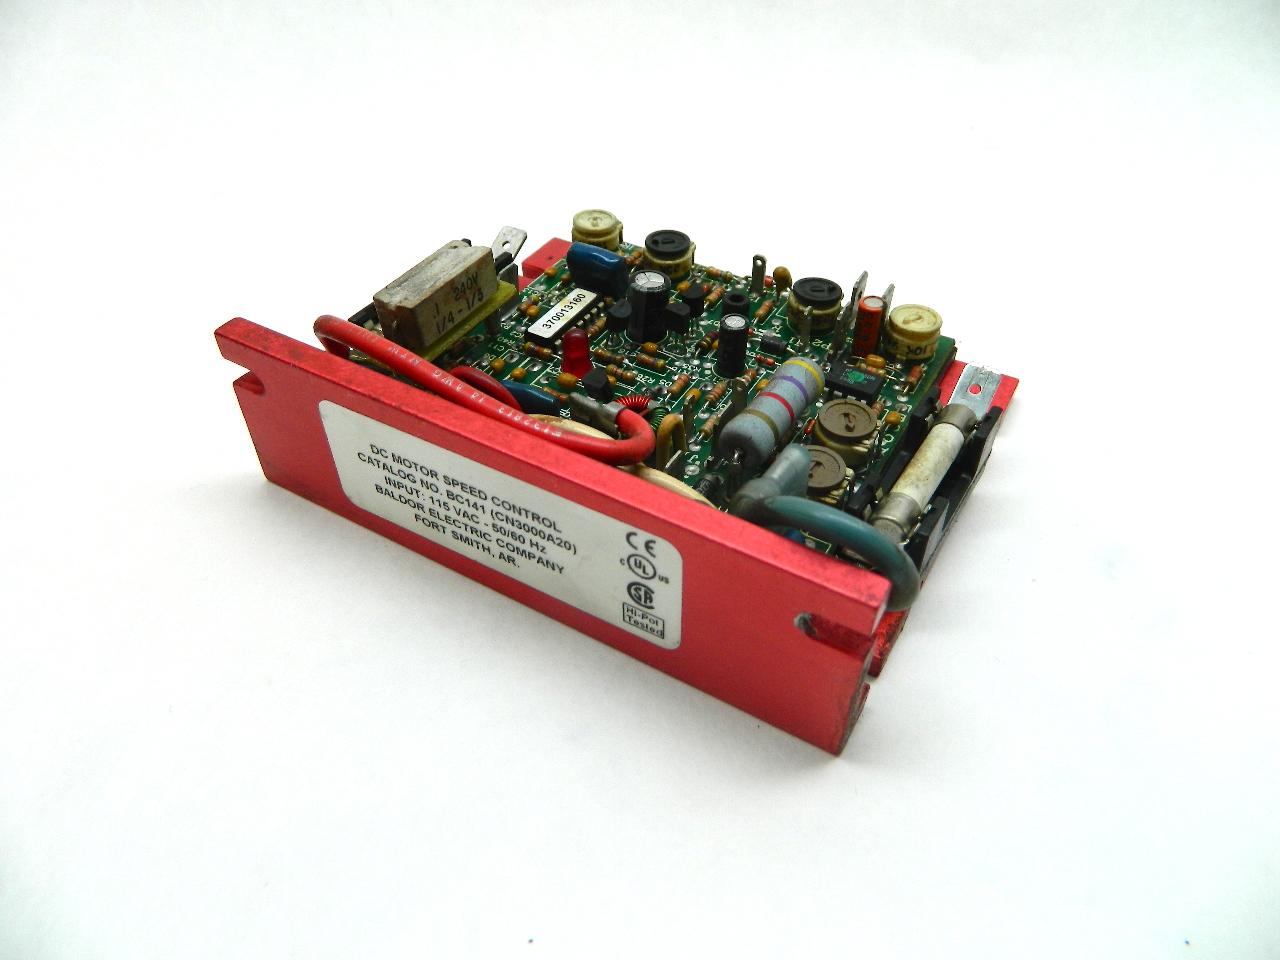 Baldor bc141 dc motor speed control 115vac 1 100 1 5 hp for Baldor 1 5 hp motor